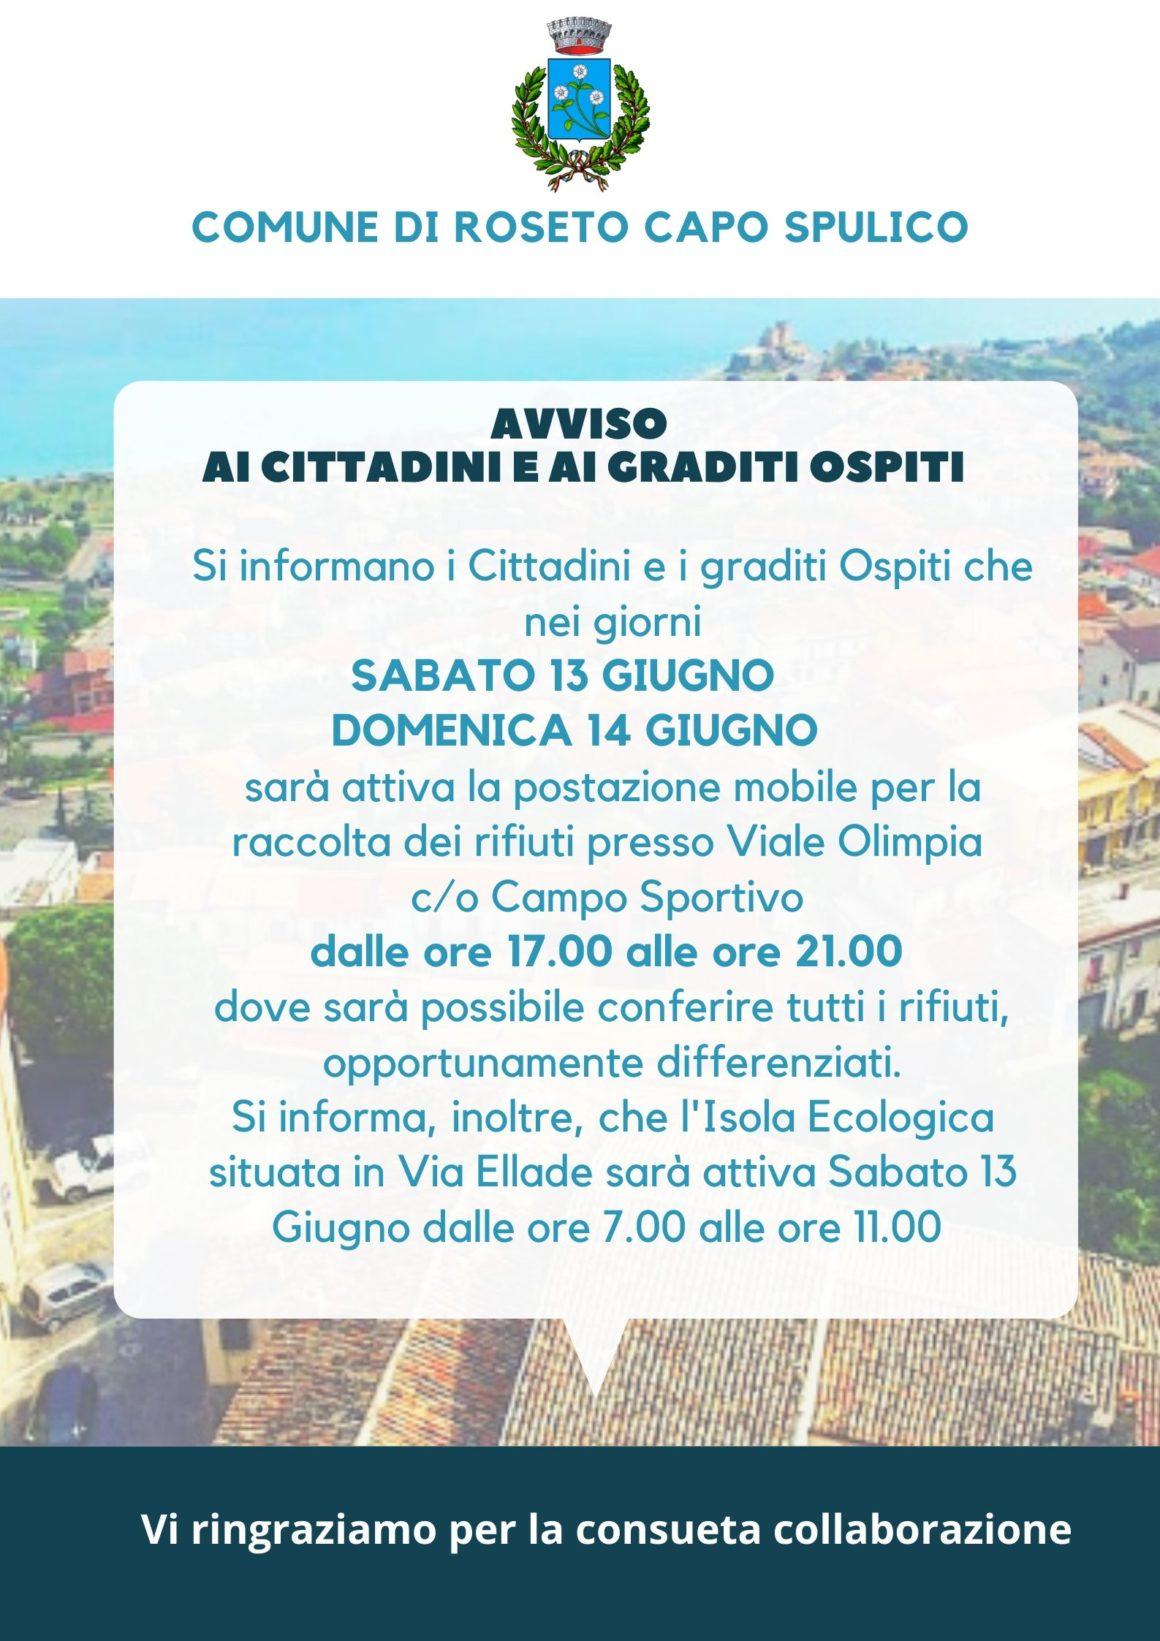 AVVISO RACCOLTA DIFFERENZIATA 13-14 GIUGNO 2020